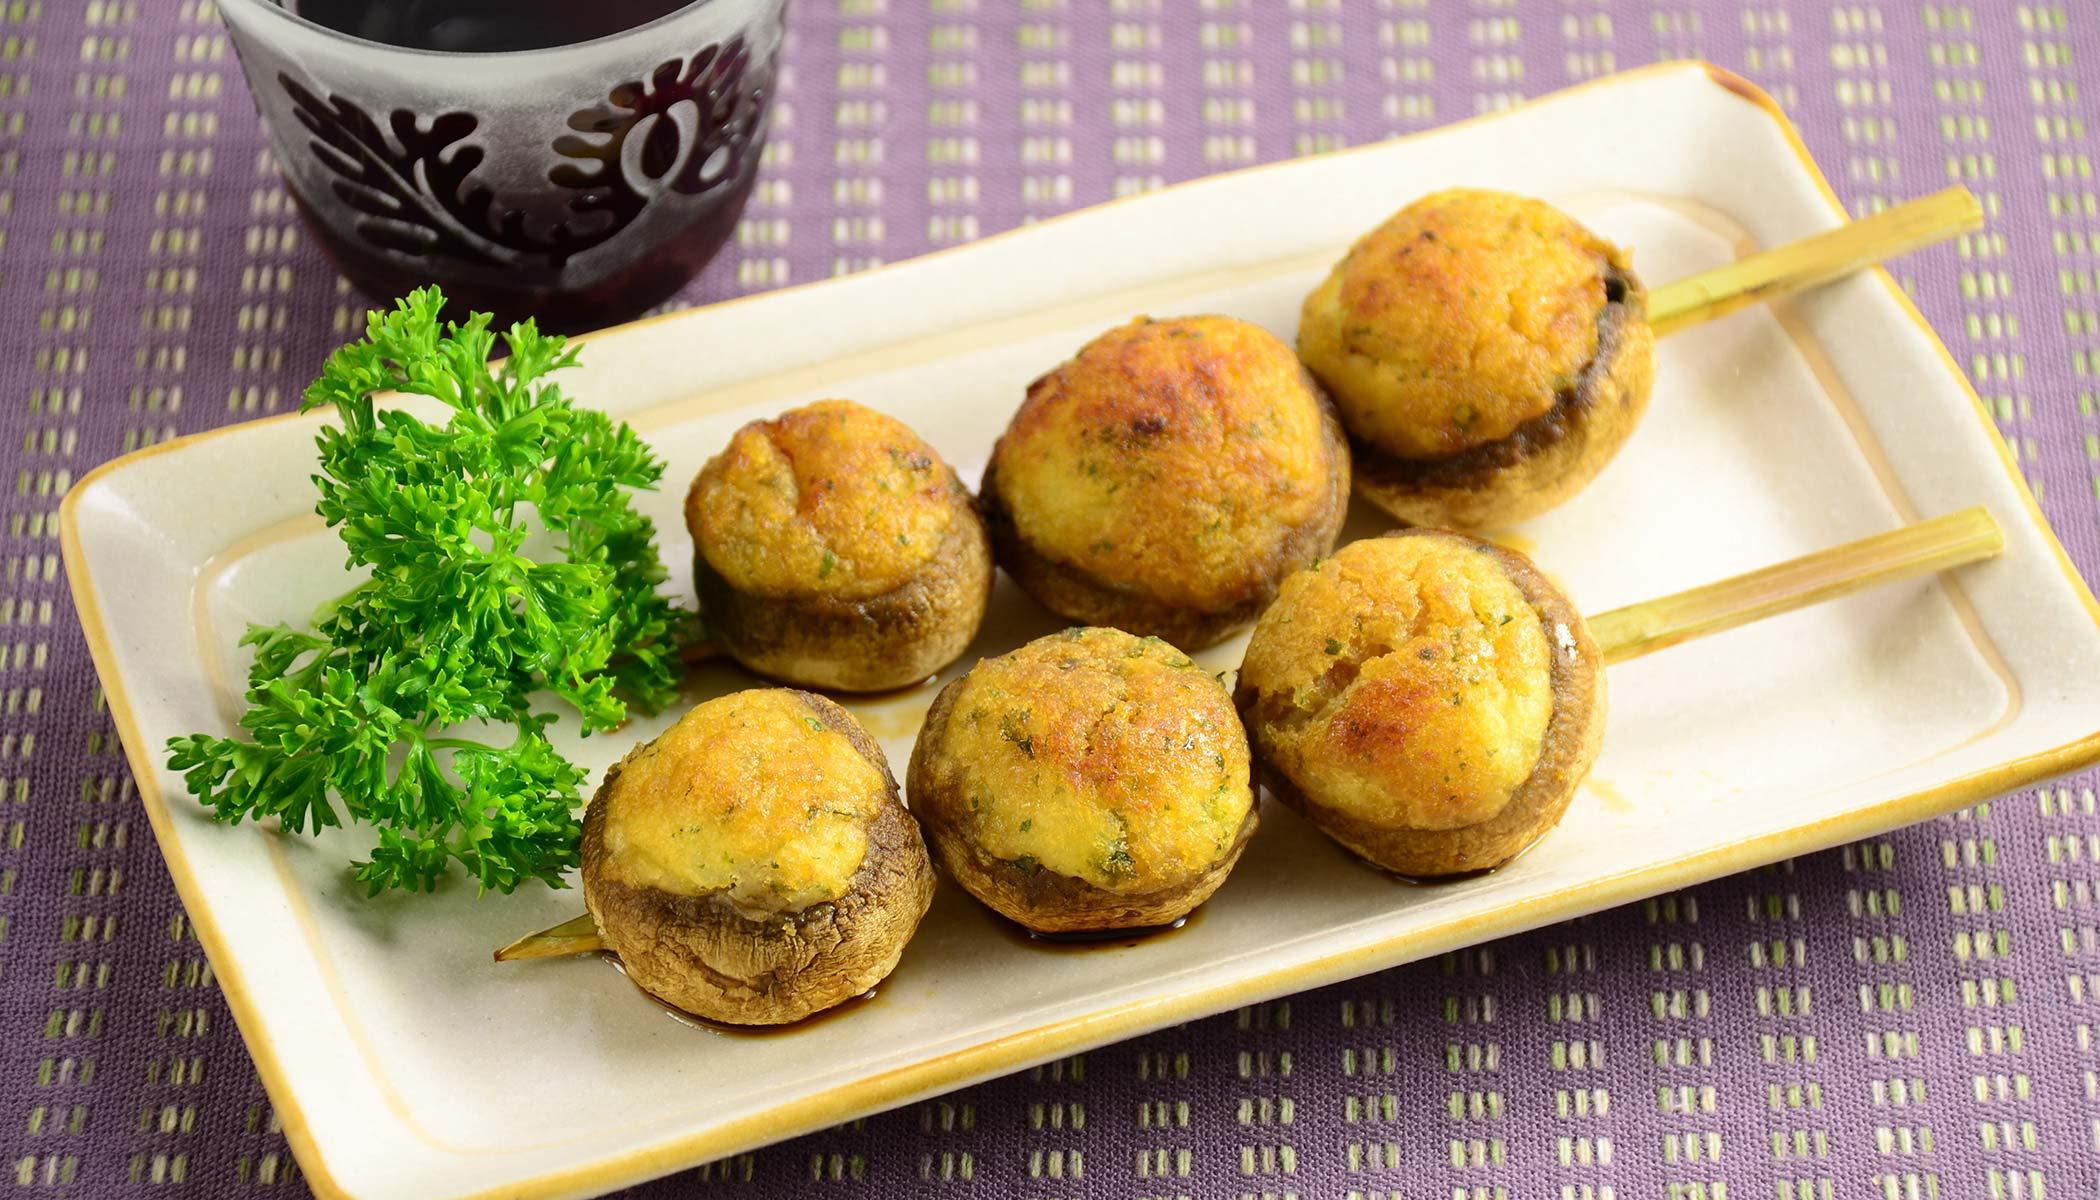 Stuffed Potato Mushroom Skewers